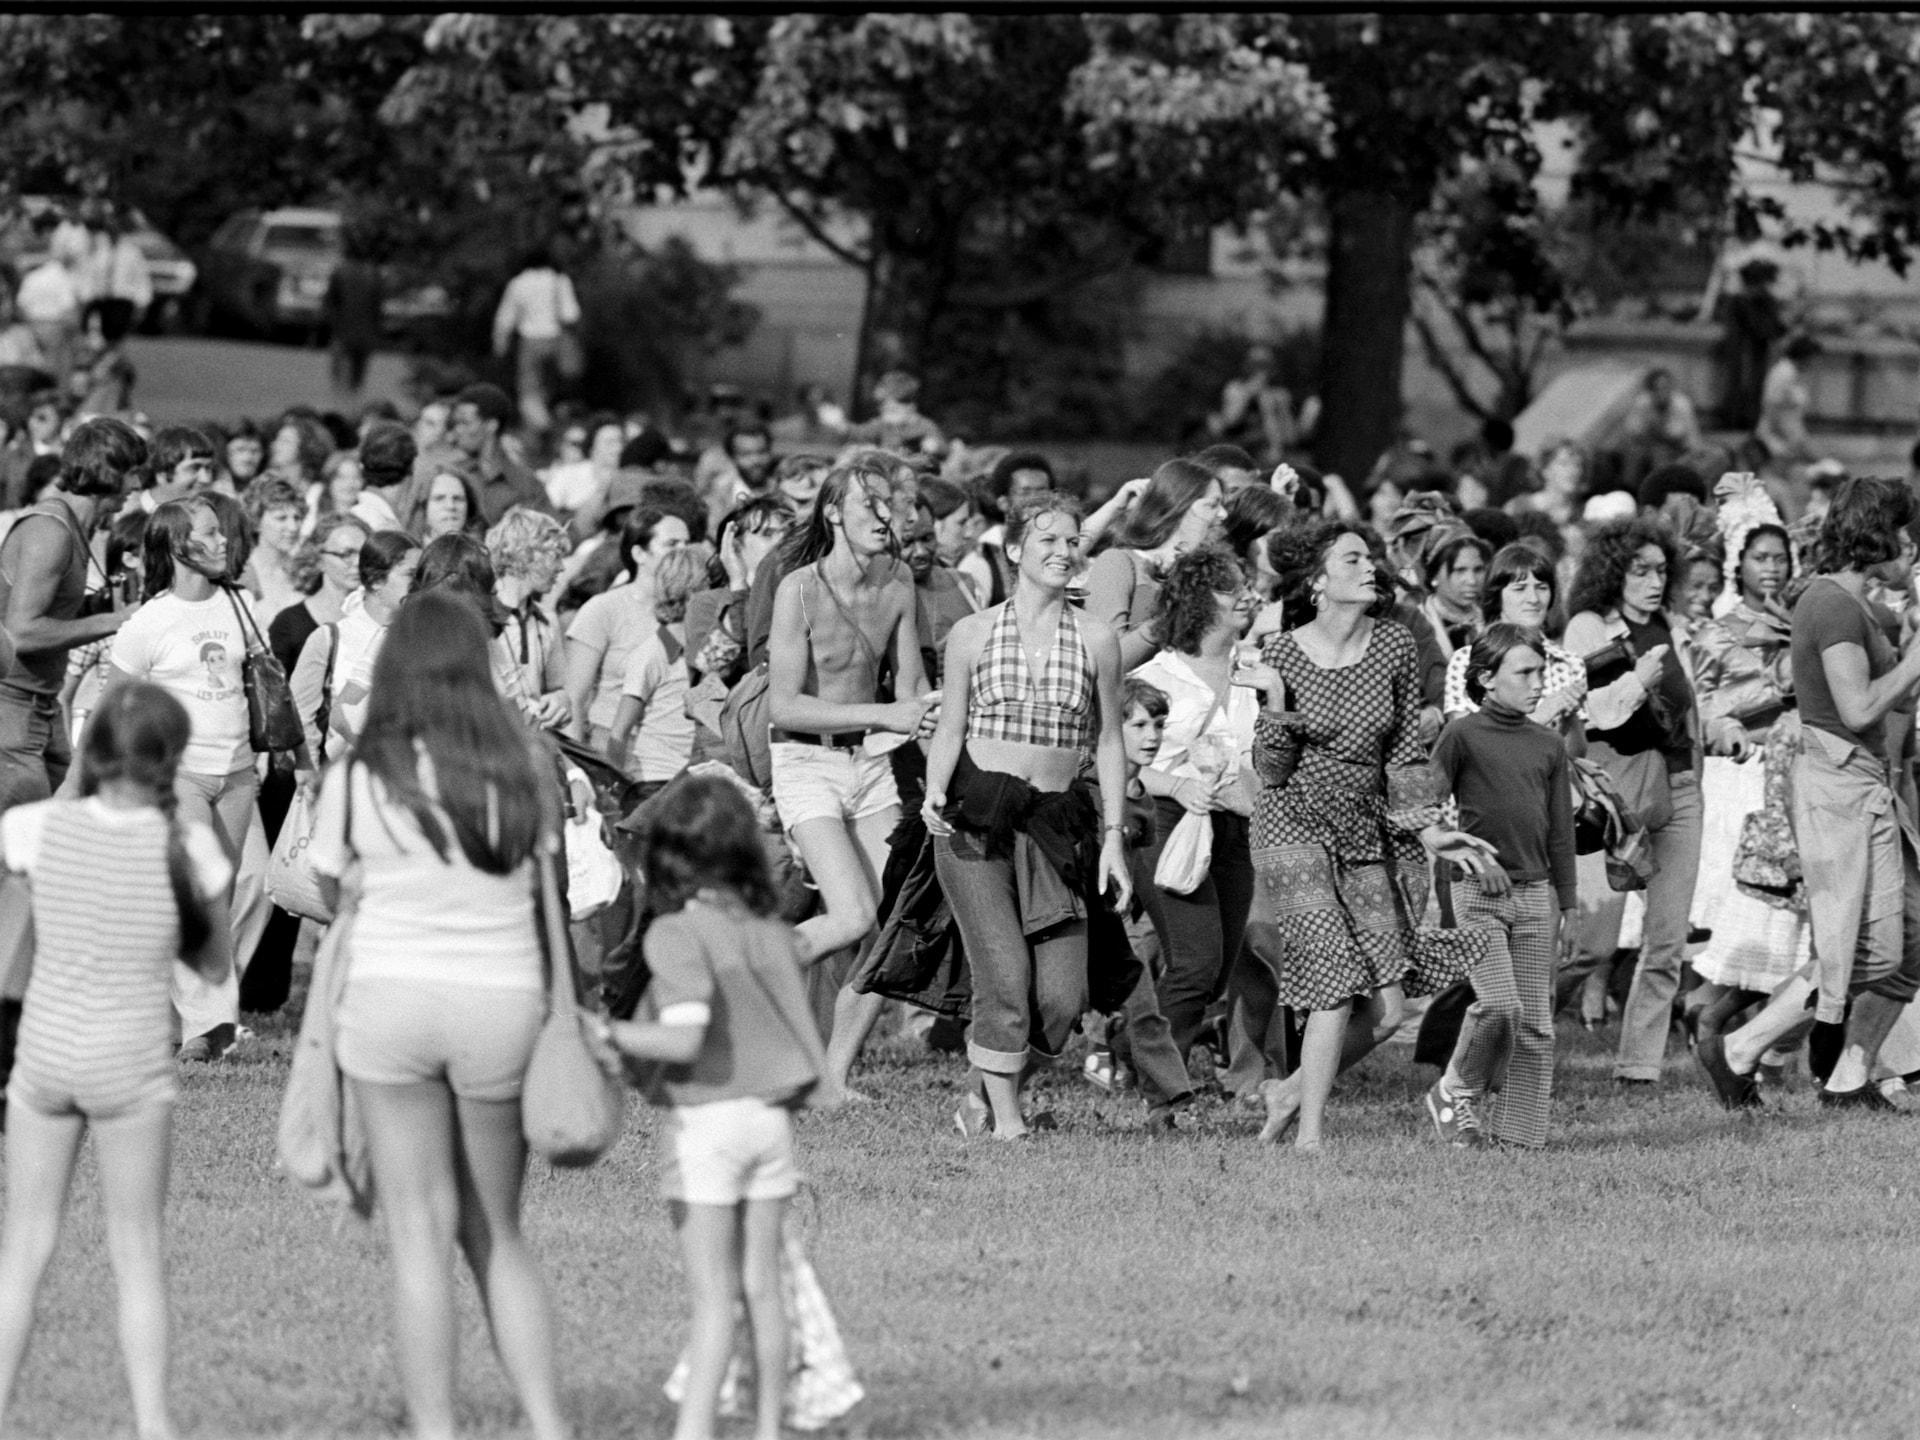 Des marcheurs dont plusieurs ont les yeux mi-clos semblent portés par la musique sur les plaines d'Abraham, sous les yeux de trois jeunes filles en shorts.